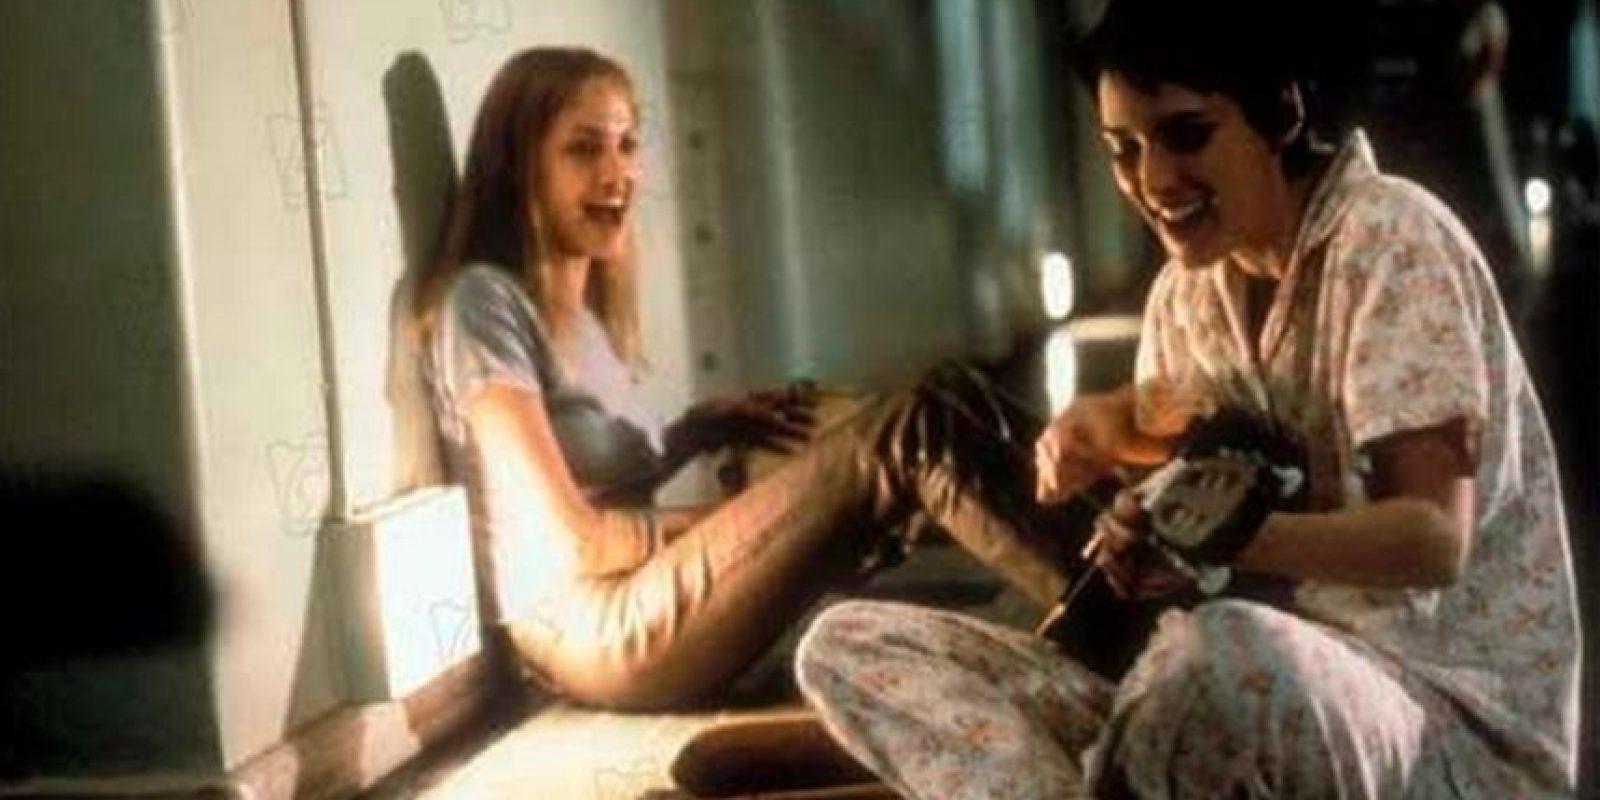 """""""Inocencia interrumpida"""" es un filme basado en las memorias escritas por la autora estadounidense Susanna Kaysen y publicadas en 1993. Angelina Jolie logró ganar el Óscar a la mejor actriz de reparto en el 2000. Foto:3 Art Entertainment"""